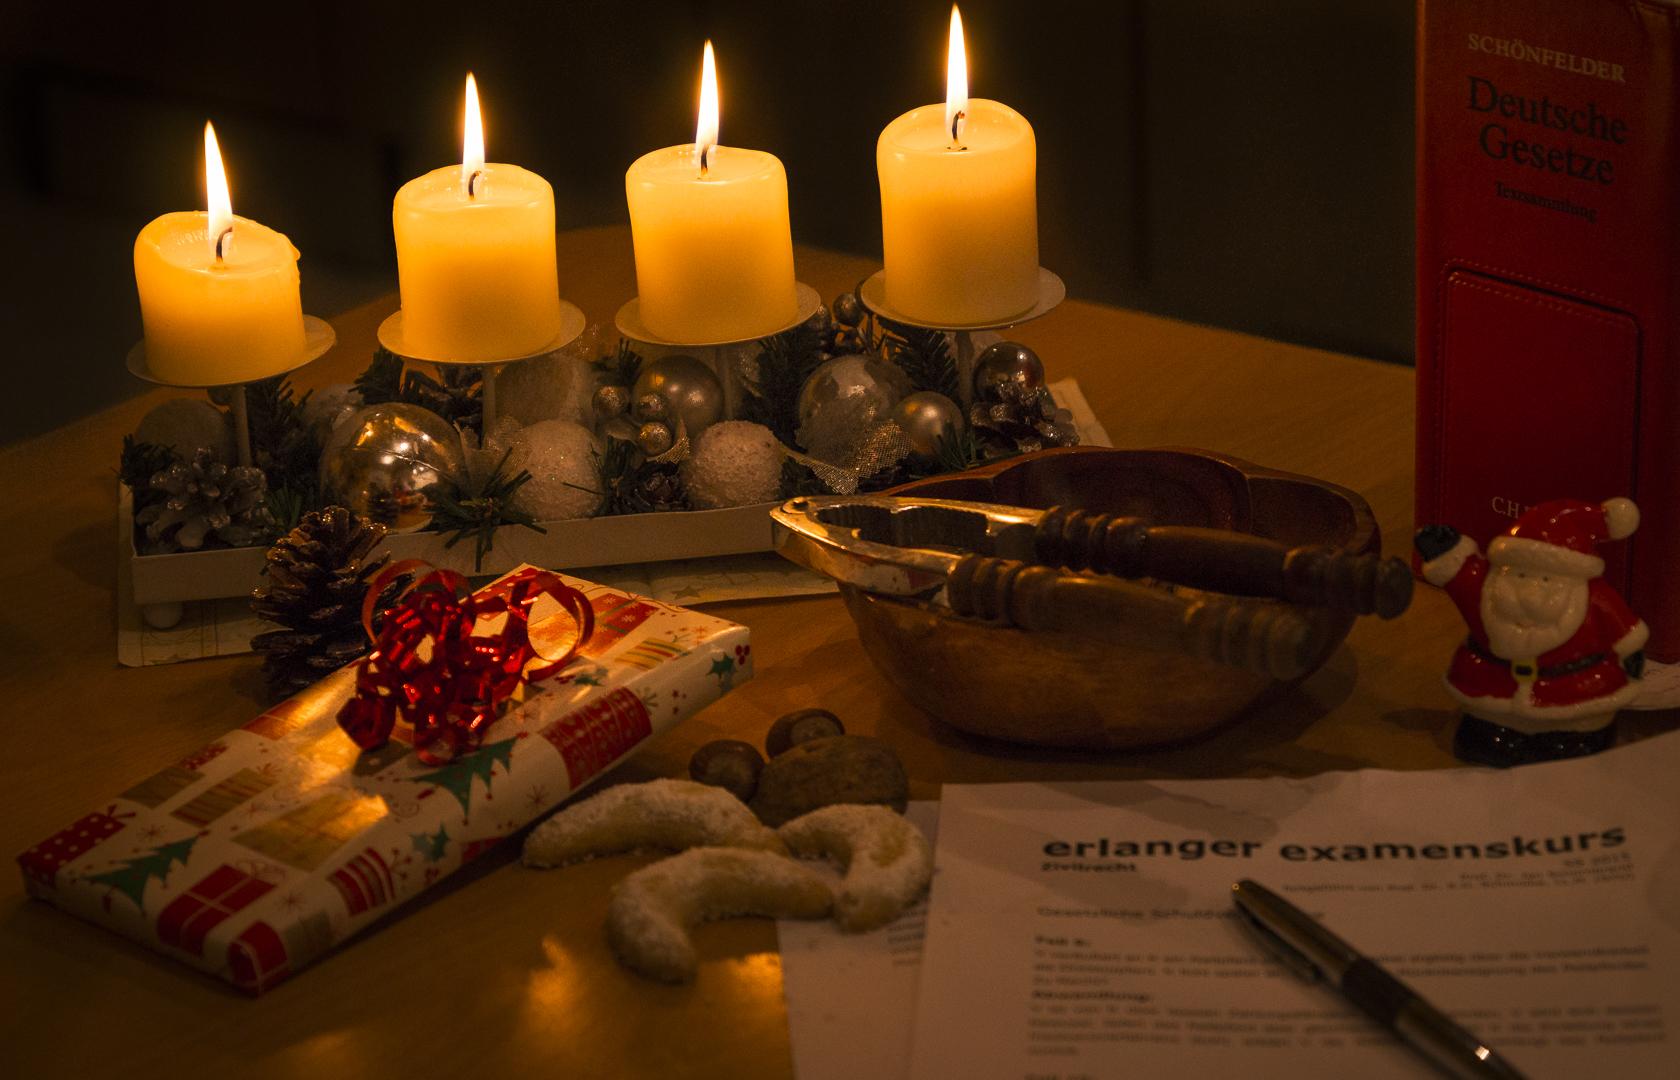 Frohe Weihnachten Wann Wünscht Man.Frohe Weihnachten Und Einen Guten Rutsch In Das Jahr 2018